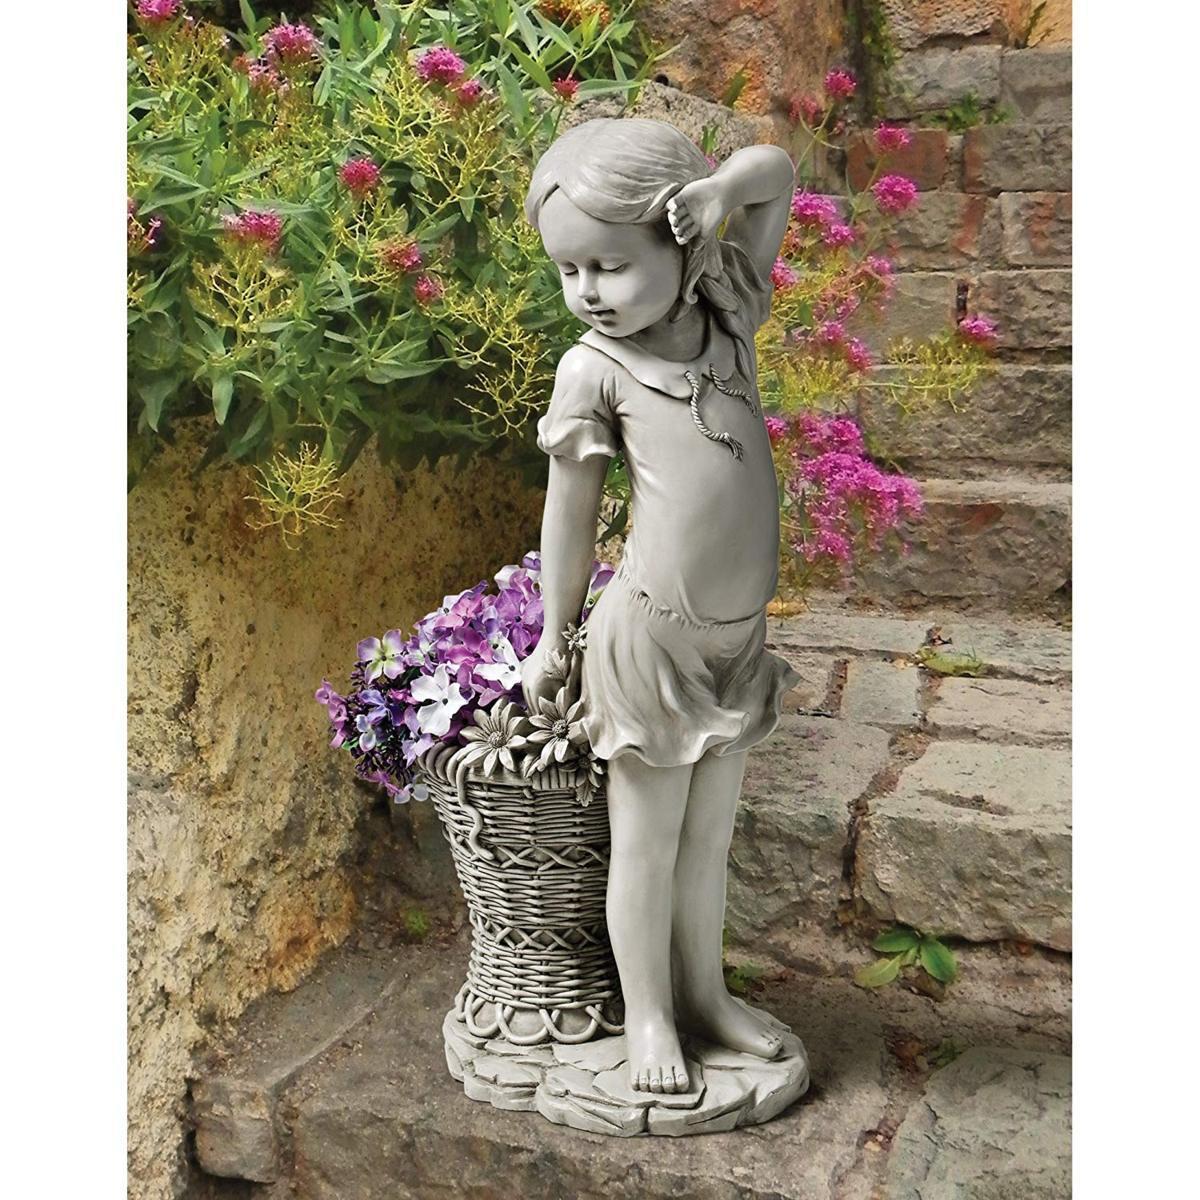 デザイン・トスカノ製 フランシス フラワーガール像 彫刻 彫像/ Design Toscano Frances, the Flower Girl Statue(輸入品)